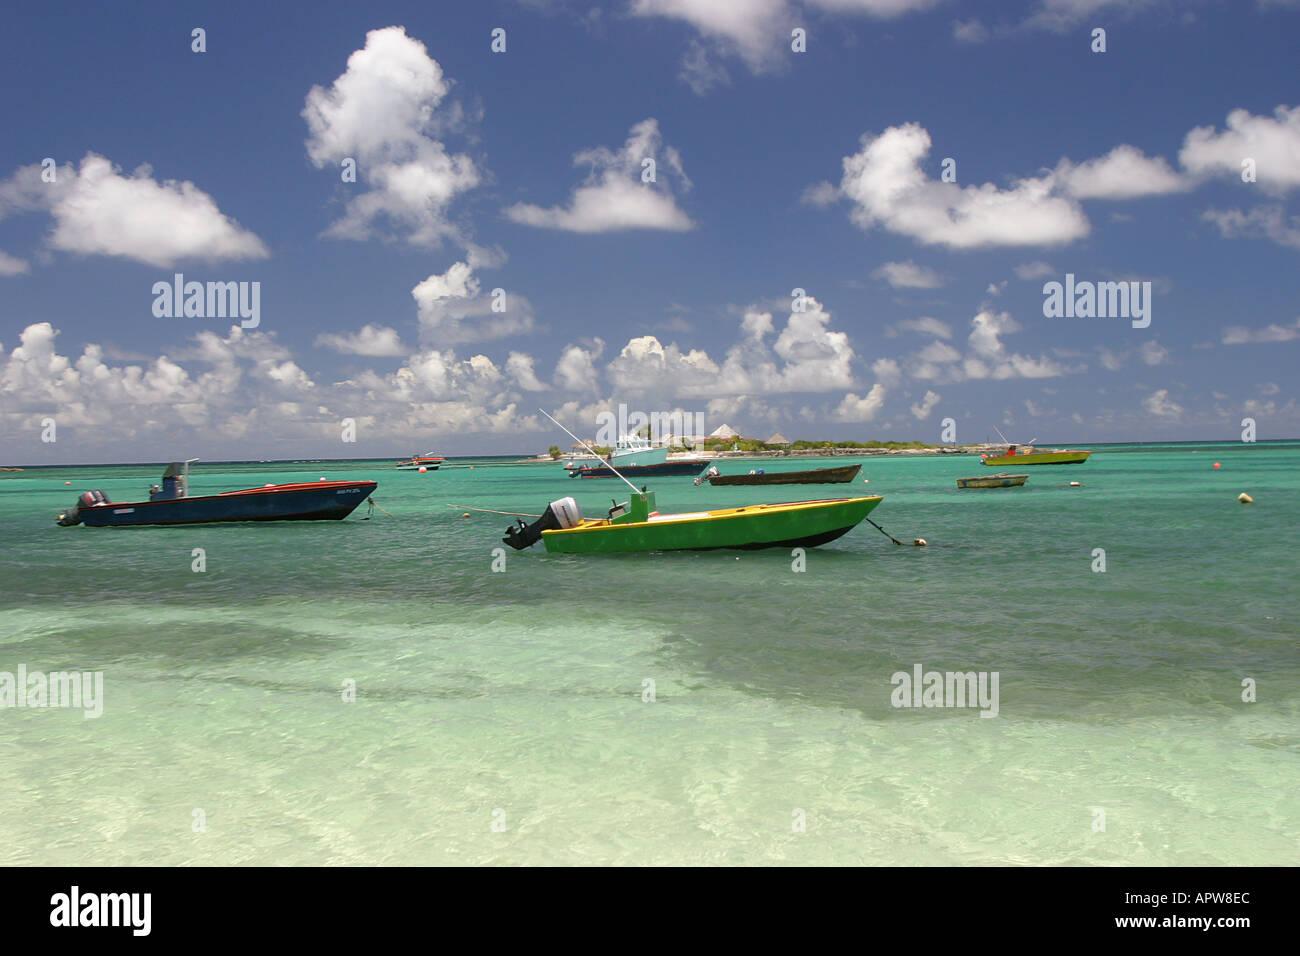 Angelboote/Fischerboote am Strand im Hafen der Insel aus die Insel Anguilla in der Karibik West Indies schweben Stockfoto